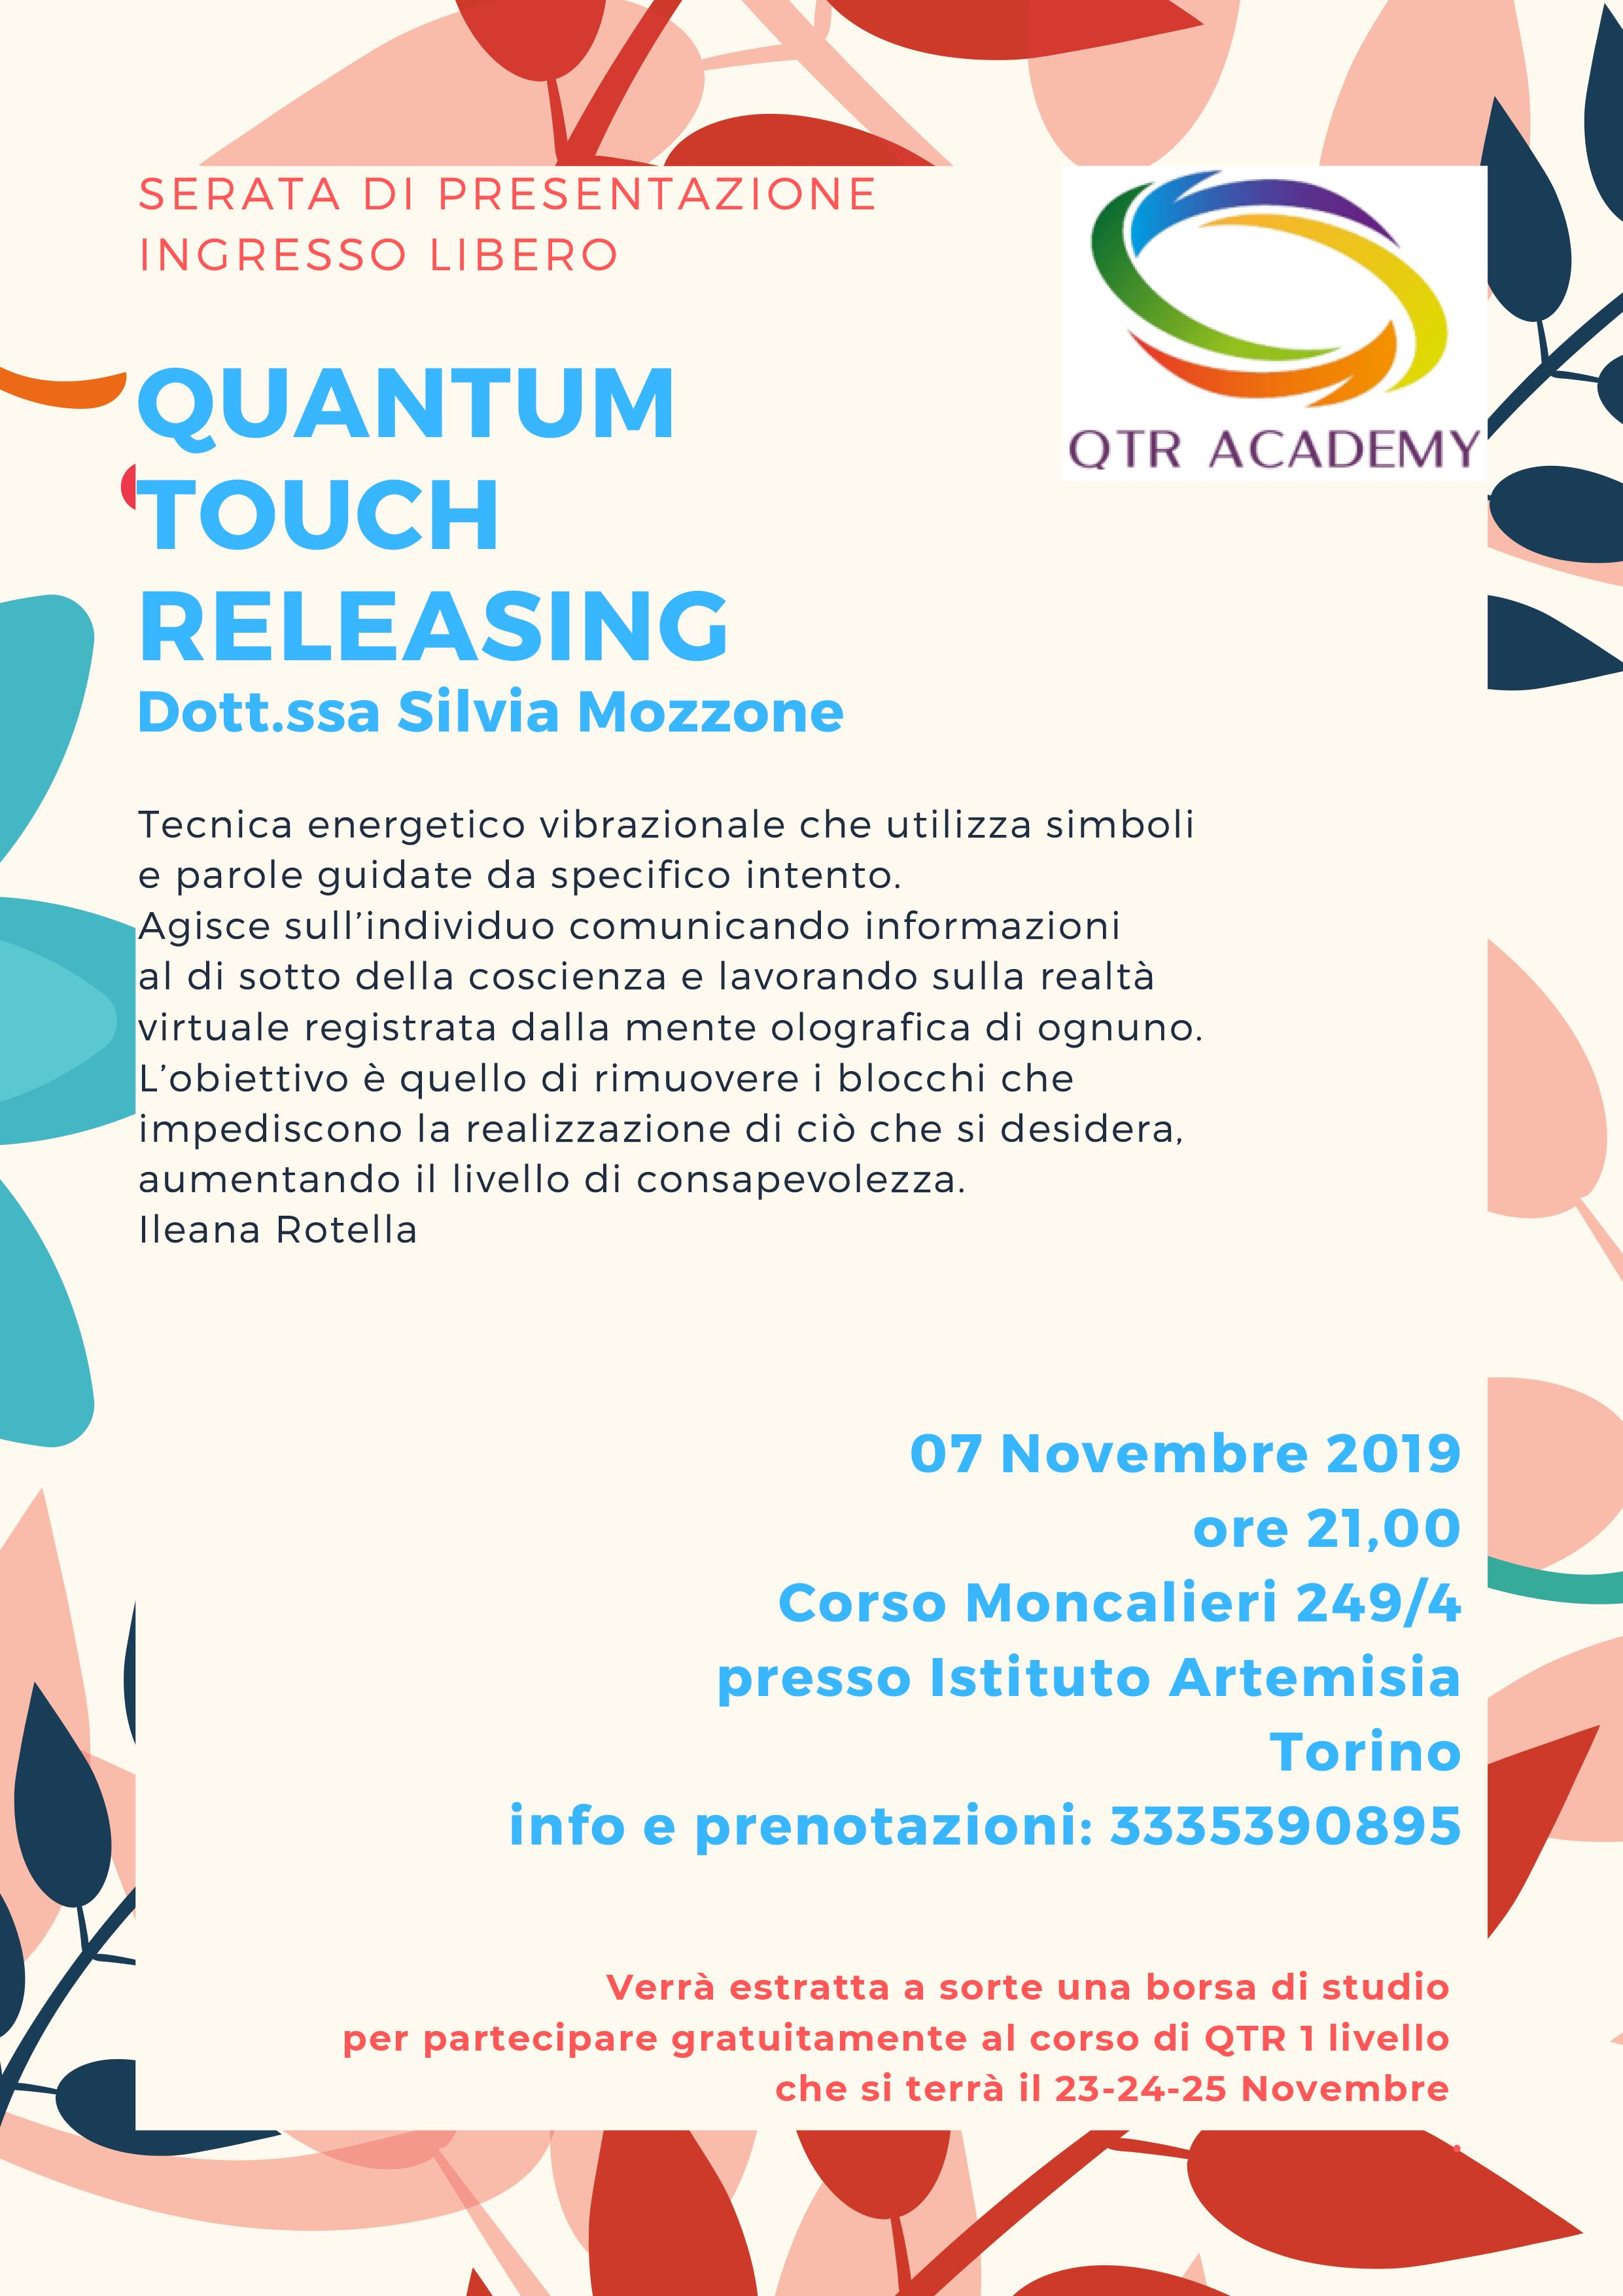 Quantum Touch Releasing - serata di presentazione